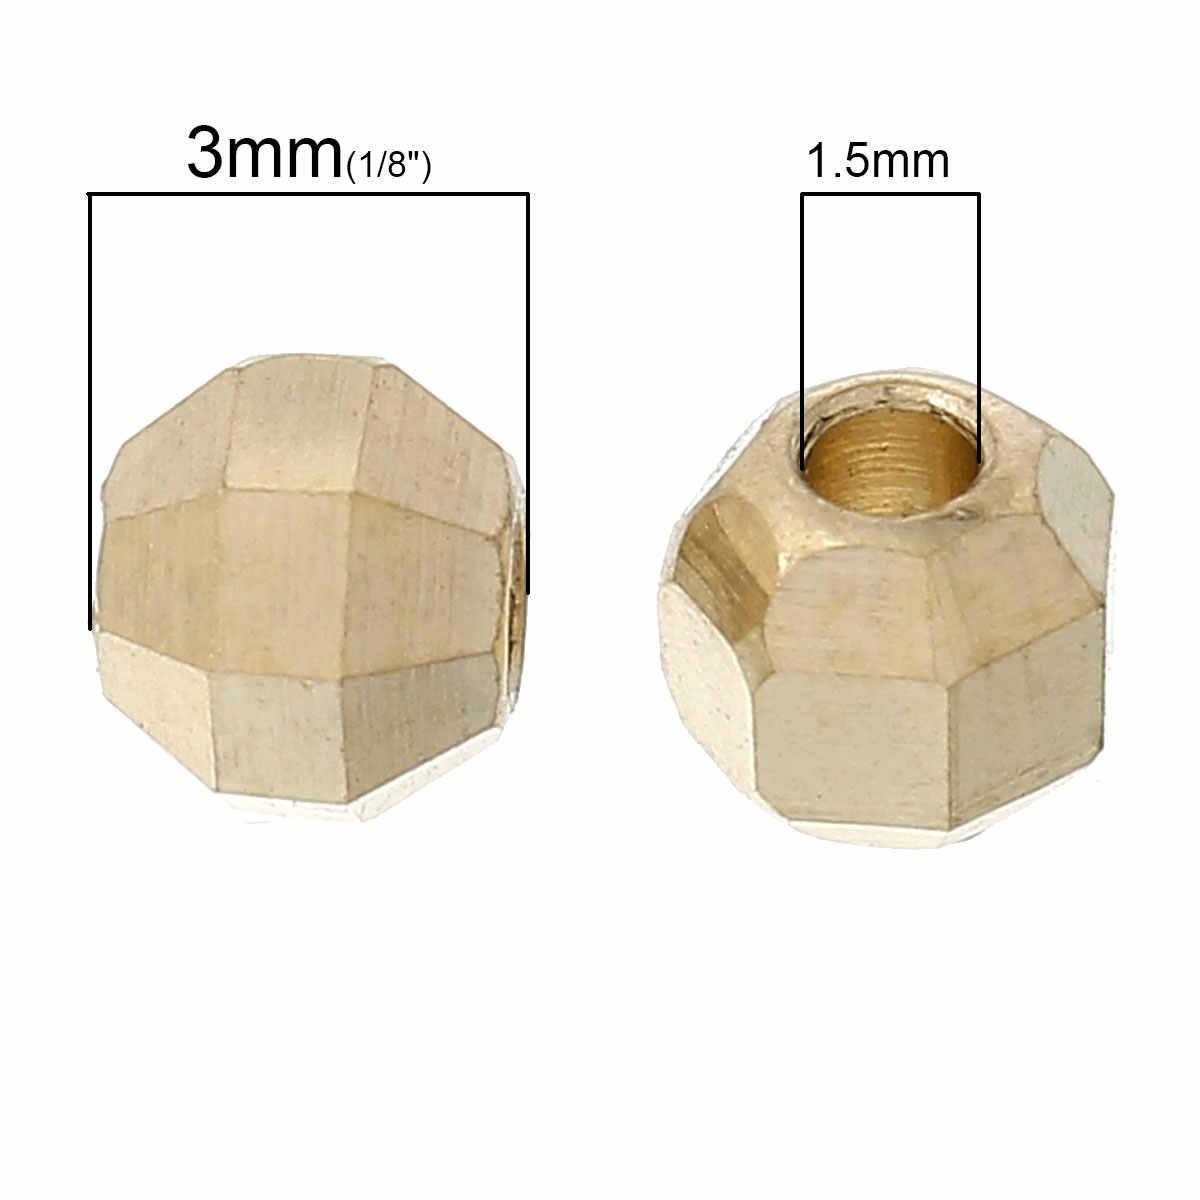 """Doreen b eads ทองแดงลูกปัดรอบแสงสีทองเหลี่ยมเพชรพลอยประมาณ 4 มิลลิเมตร (1/8 """") x 3 มิลลิเมตร (1/8 """"), หลุม: ประมาณ 1.5 มิลลิเมตร, 10 ชิ้น 2017 ใหม่"""